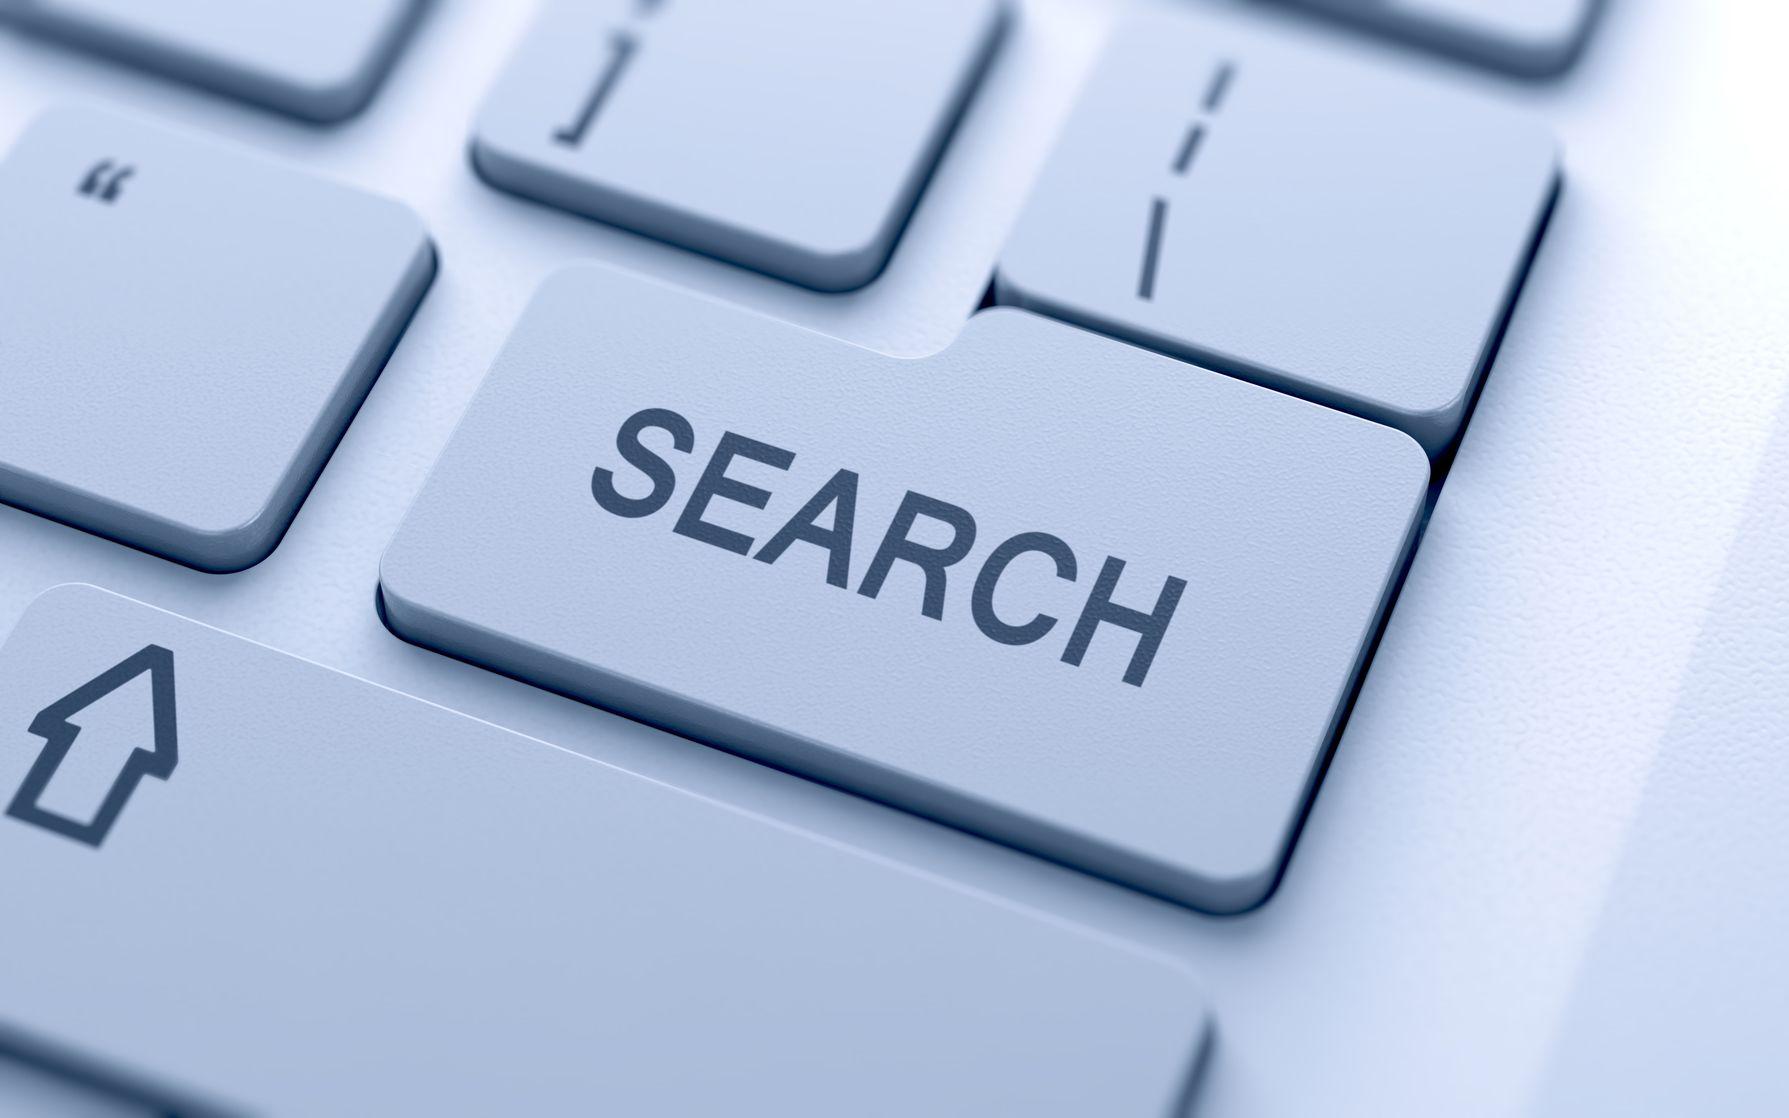 Кнопка поиска на клавиатуре